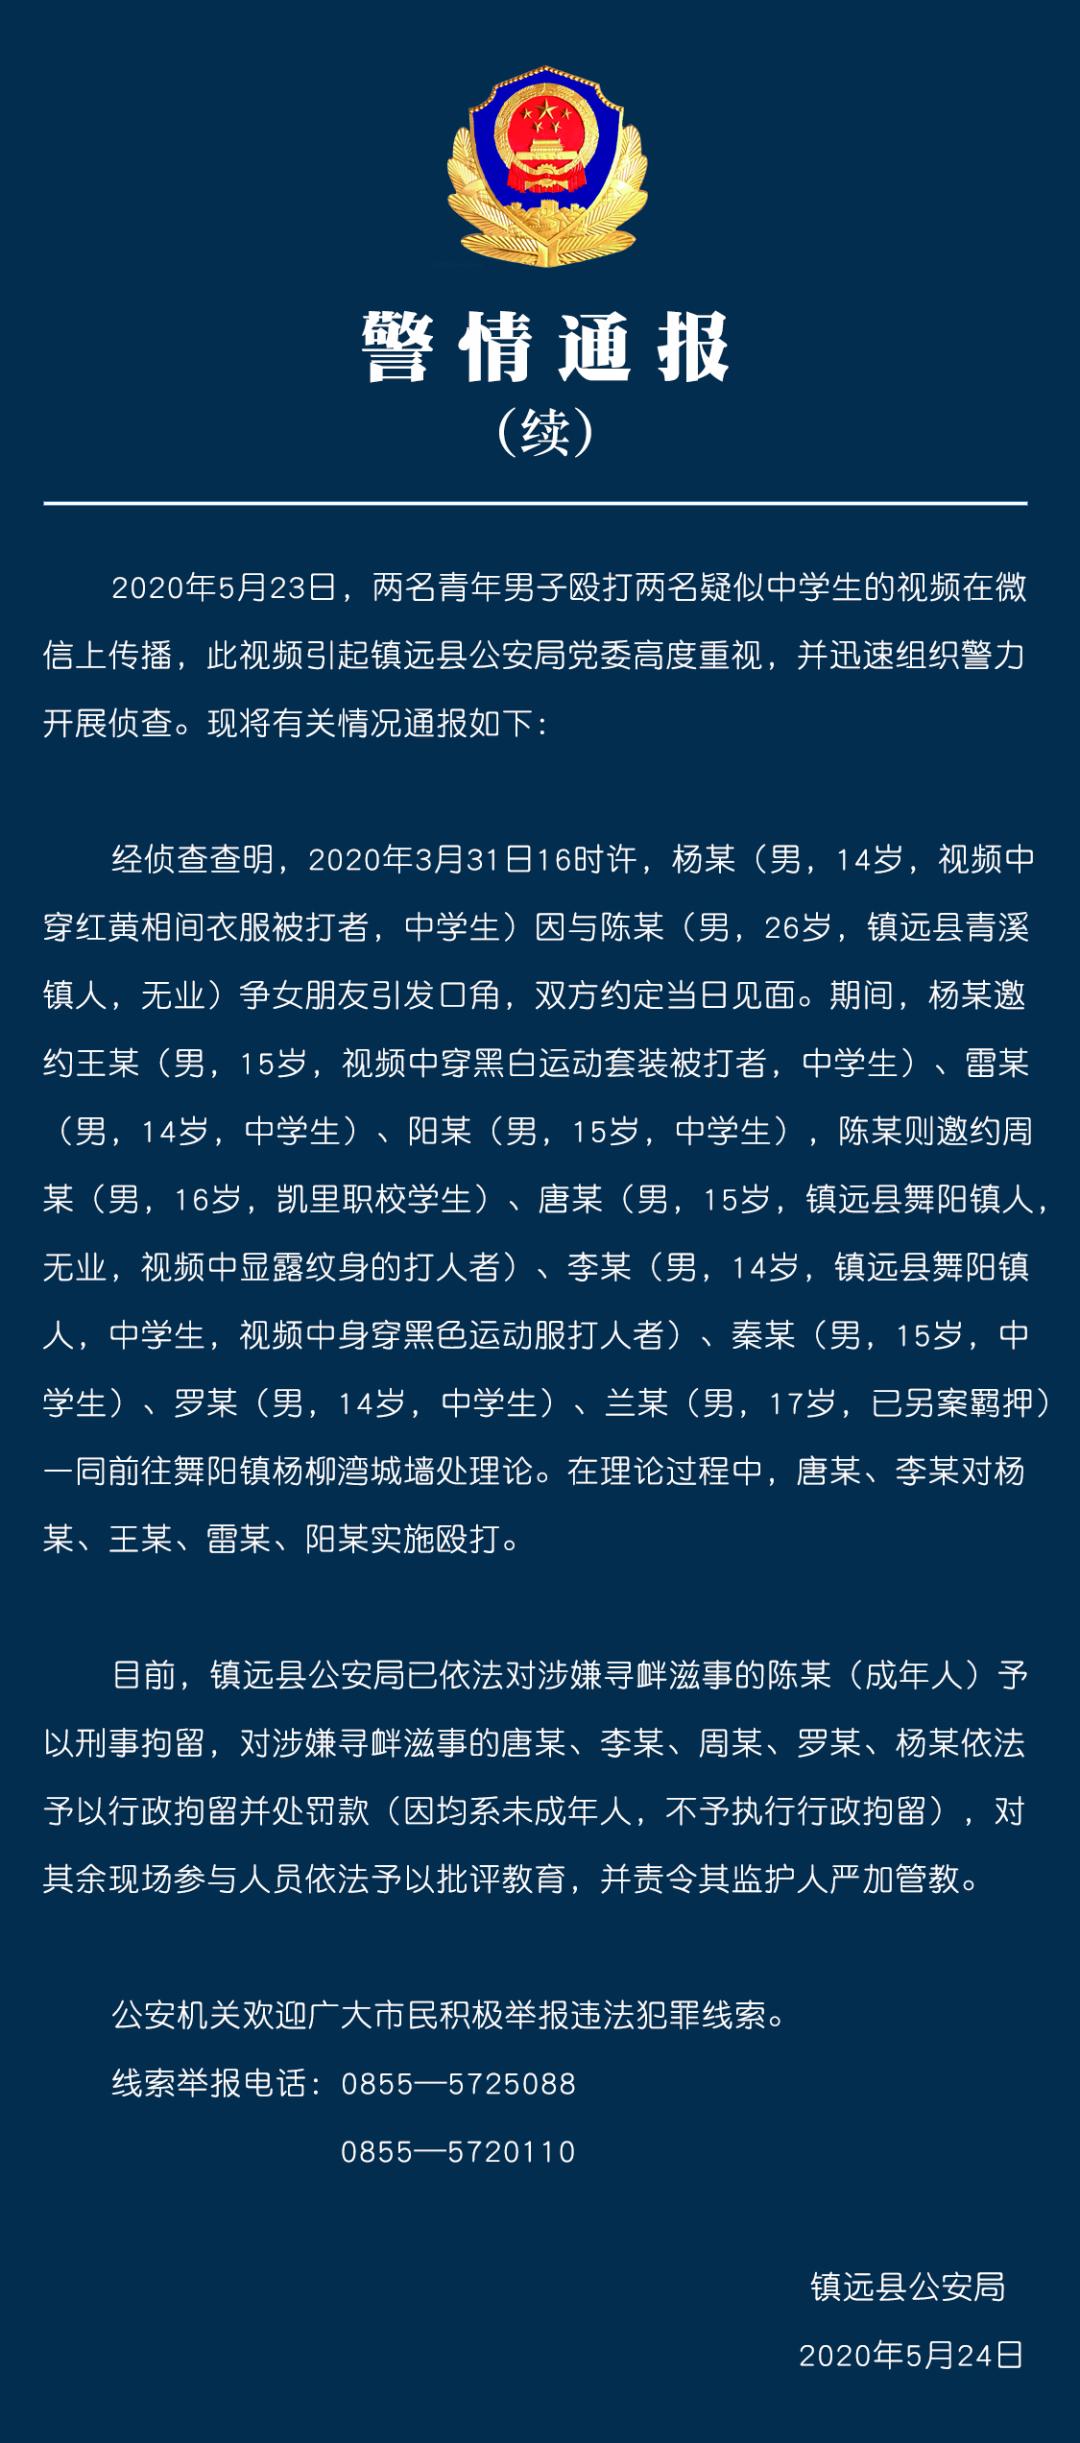 尔滨逆转 南0年女童女子内油热入学军导基因警近7 警